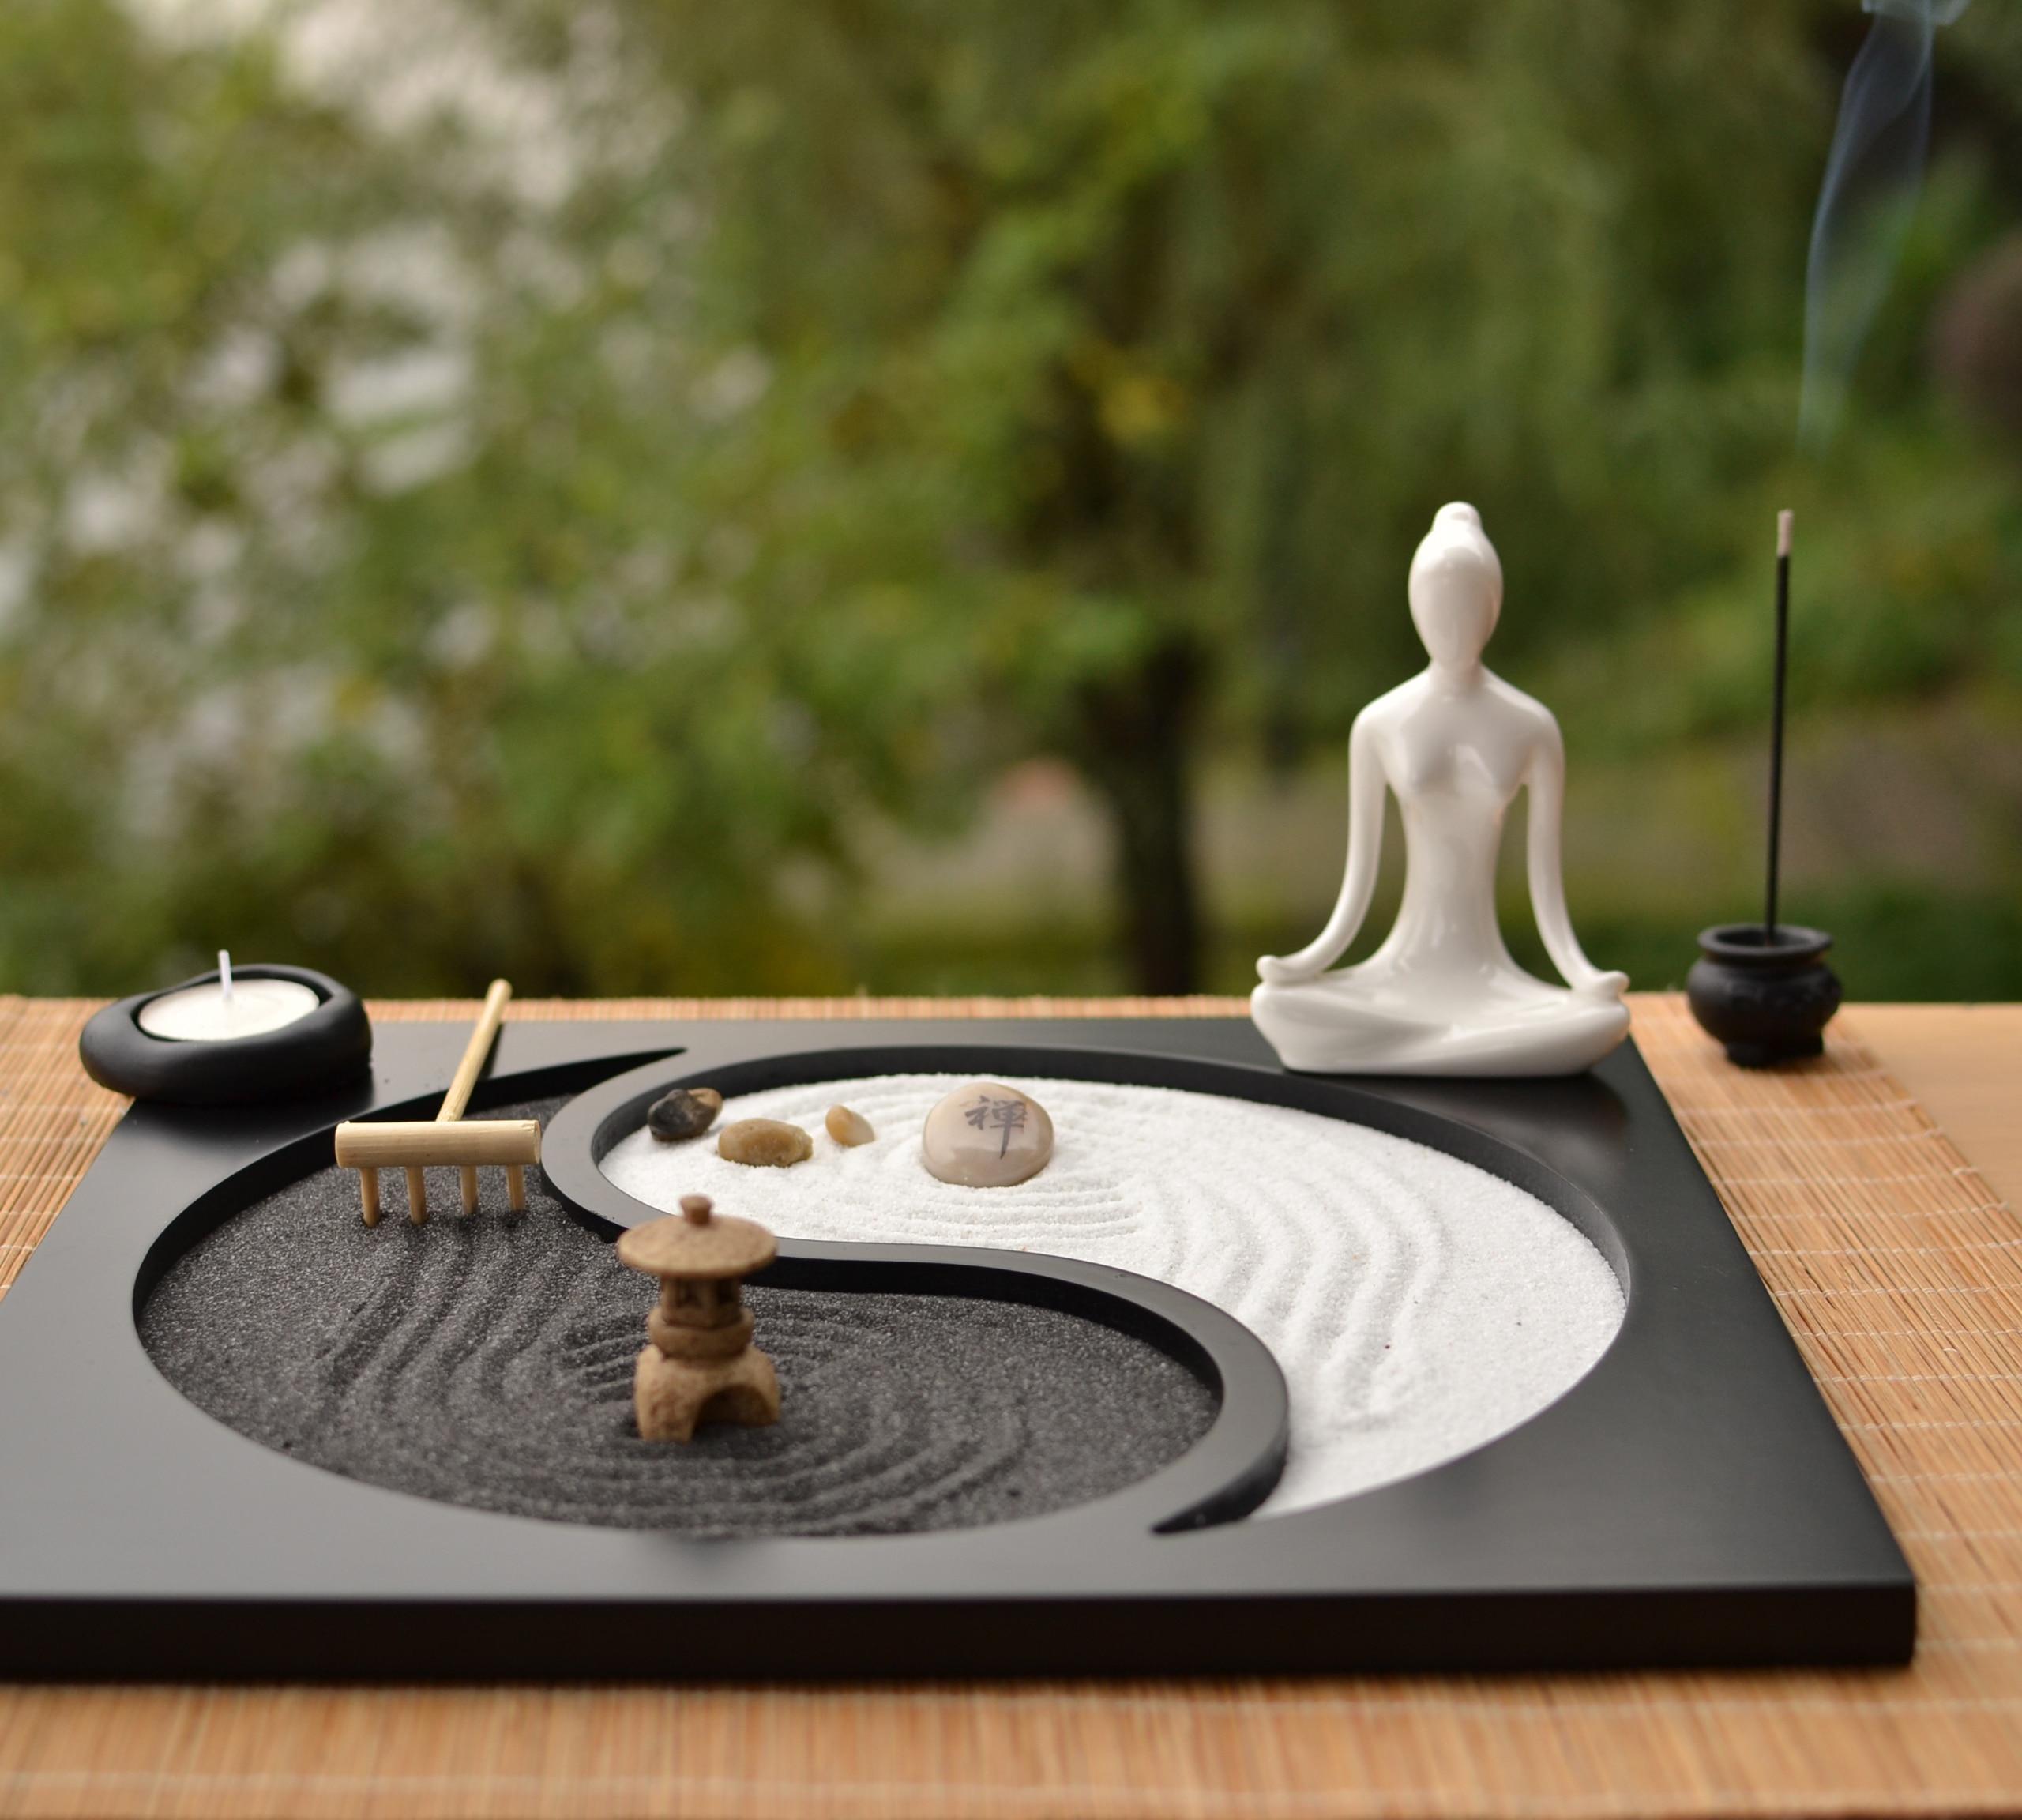 Япония стиль деревянный корабль дзен декоративные украшения из полимера для сада фигурка расслабиться буддийская курильница для благовон...